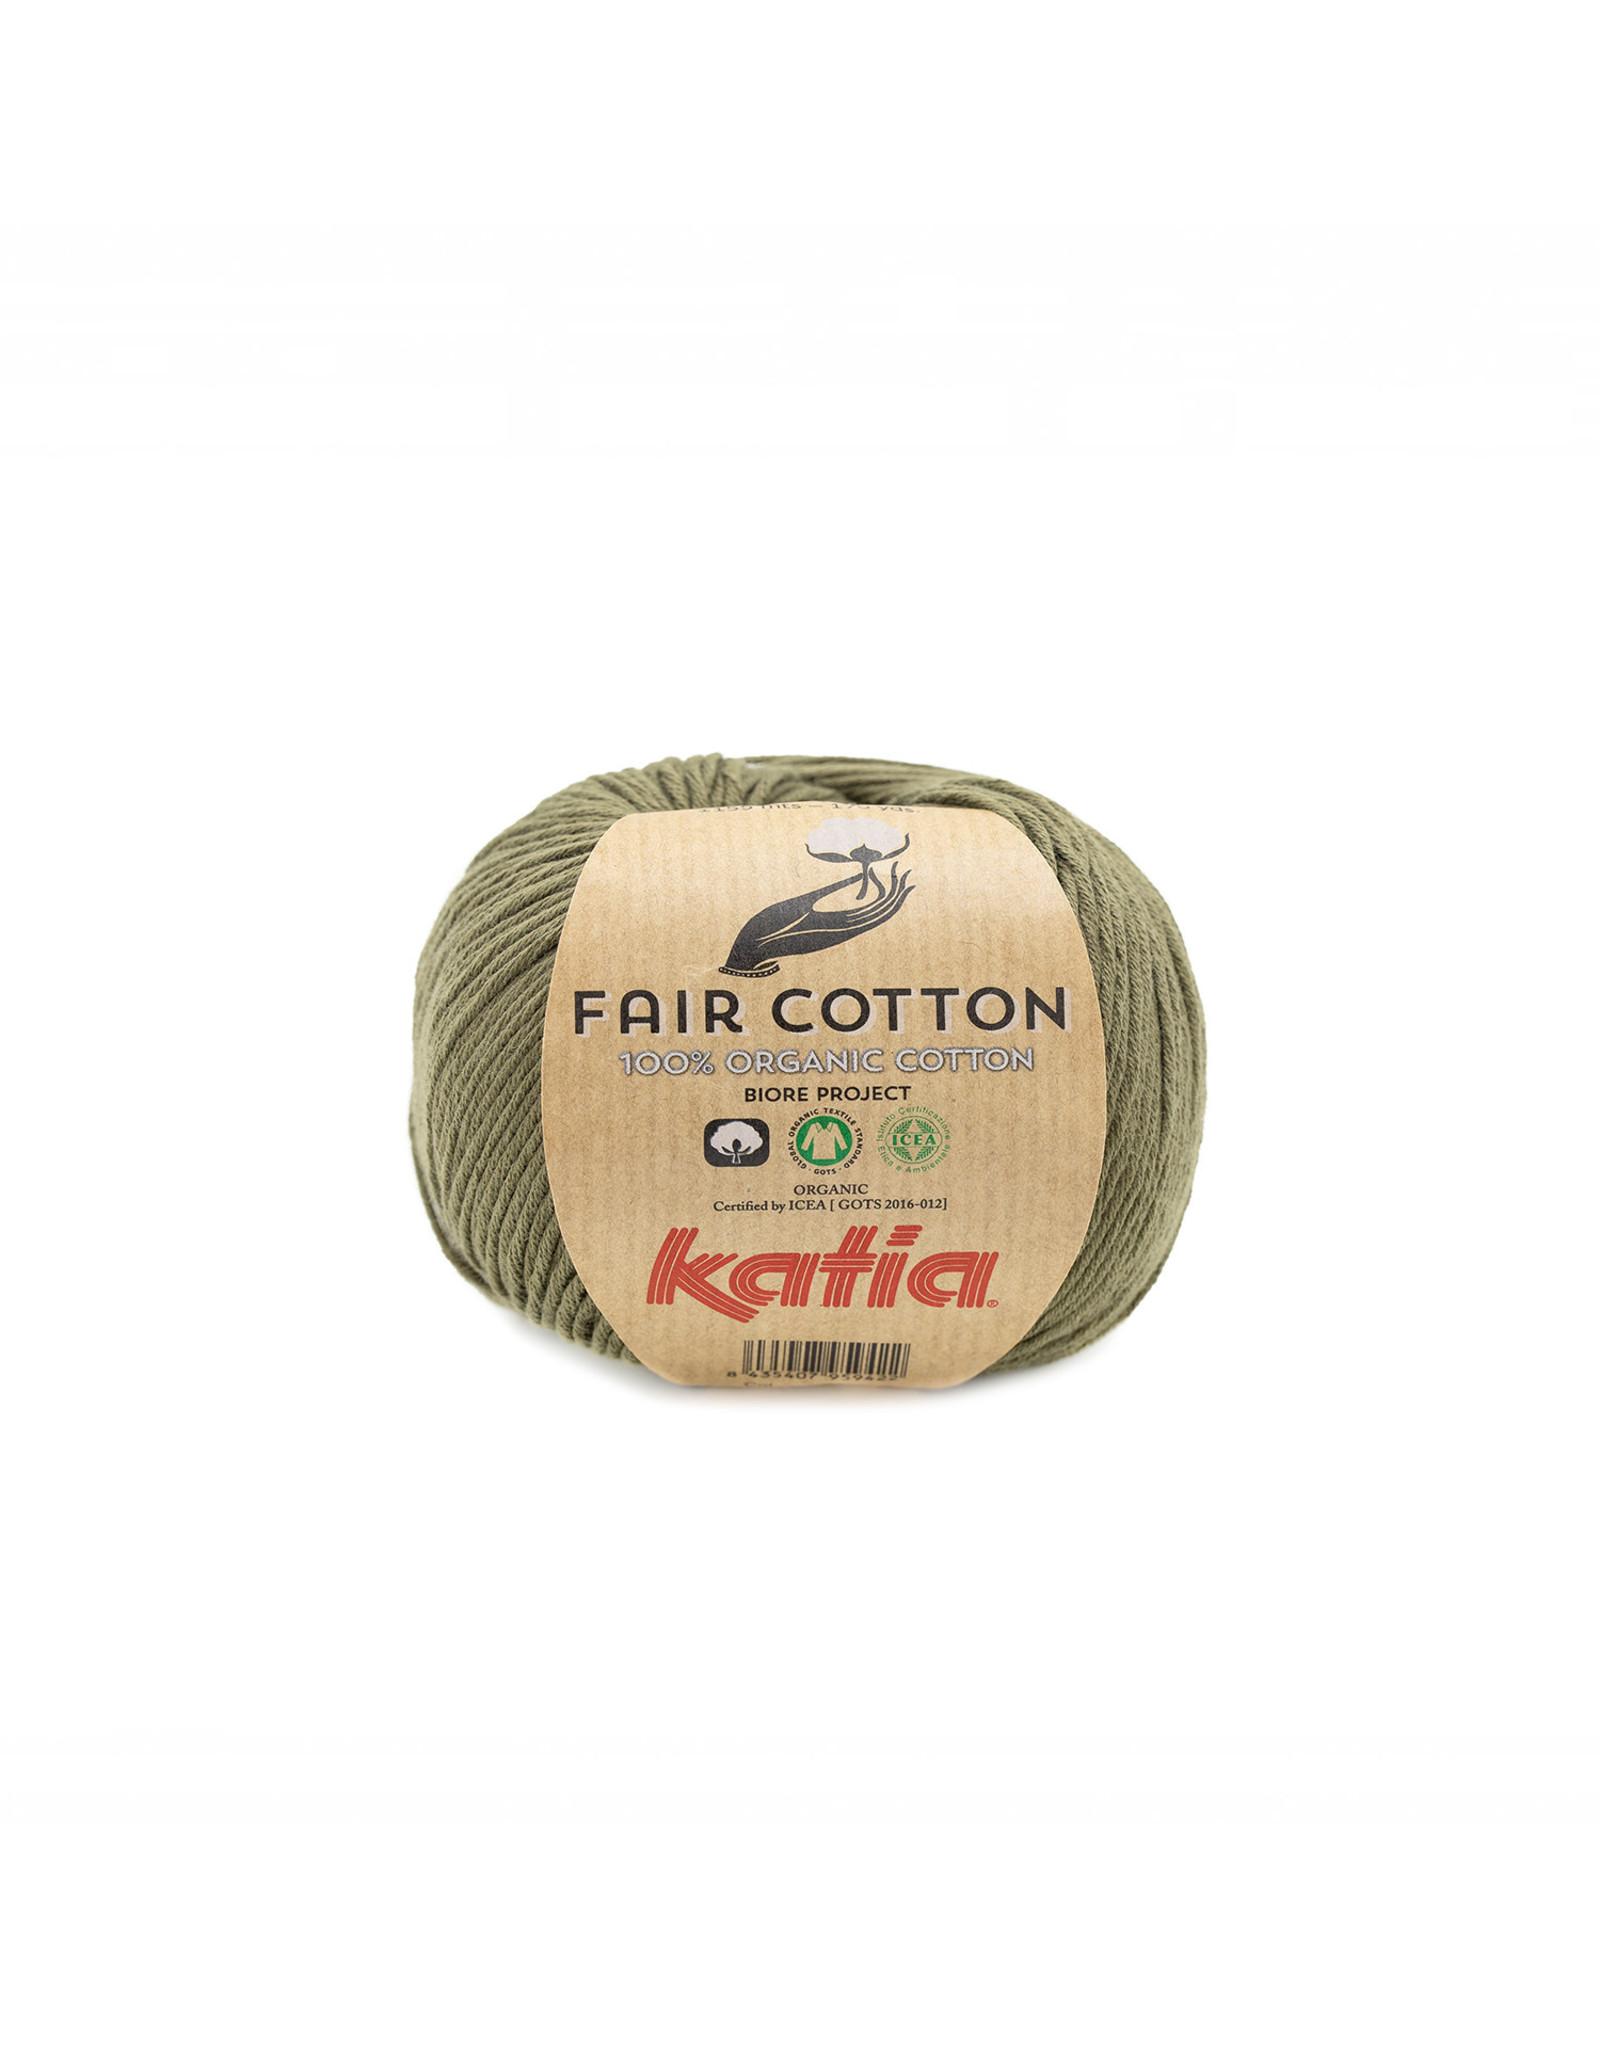 Katia Katia Fair Cotton 36 - kaki - 50 gr. - 100% biol. katoen